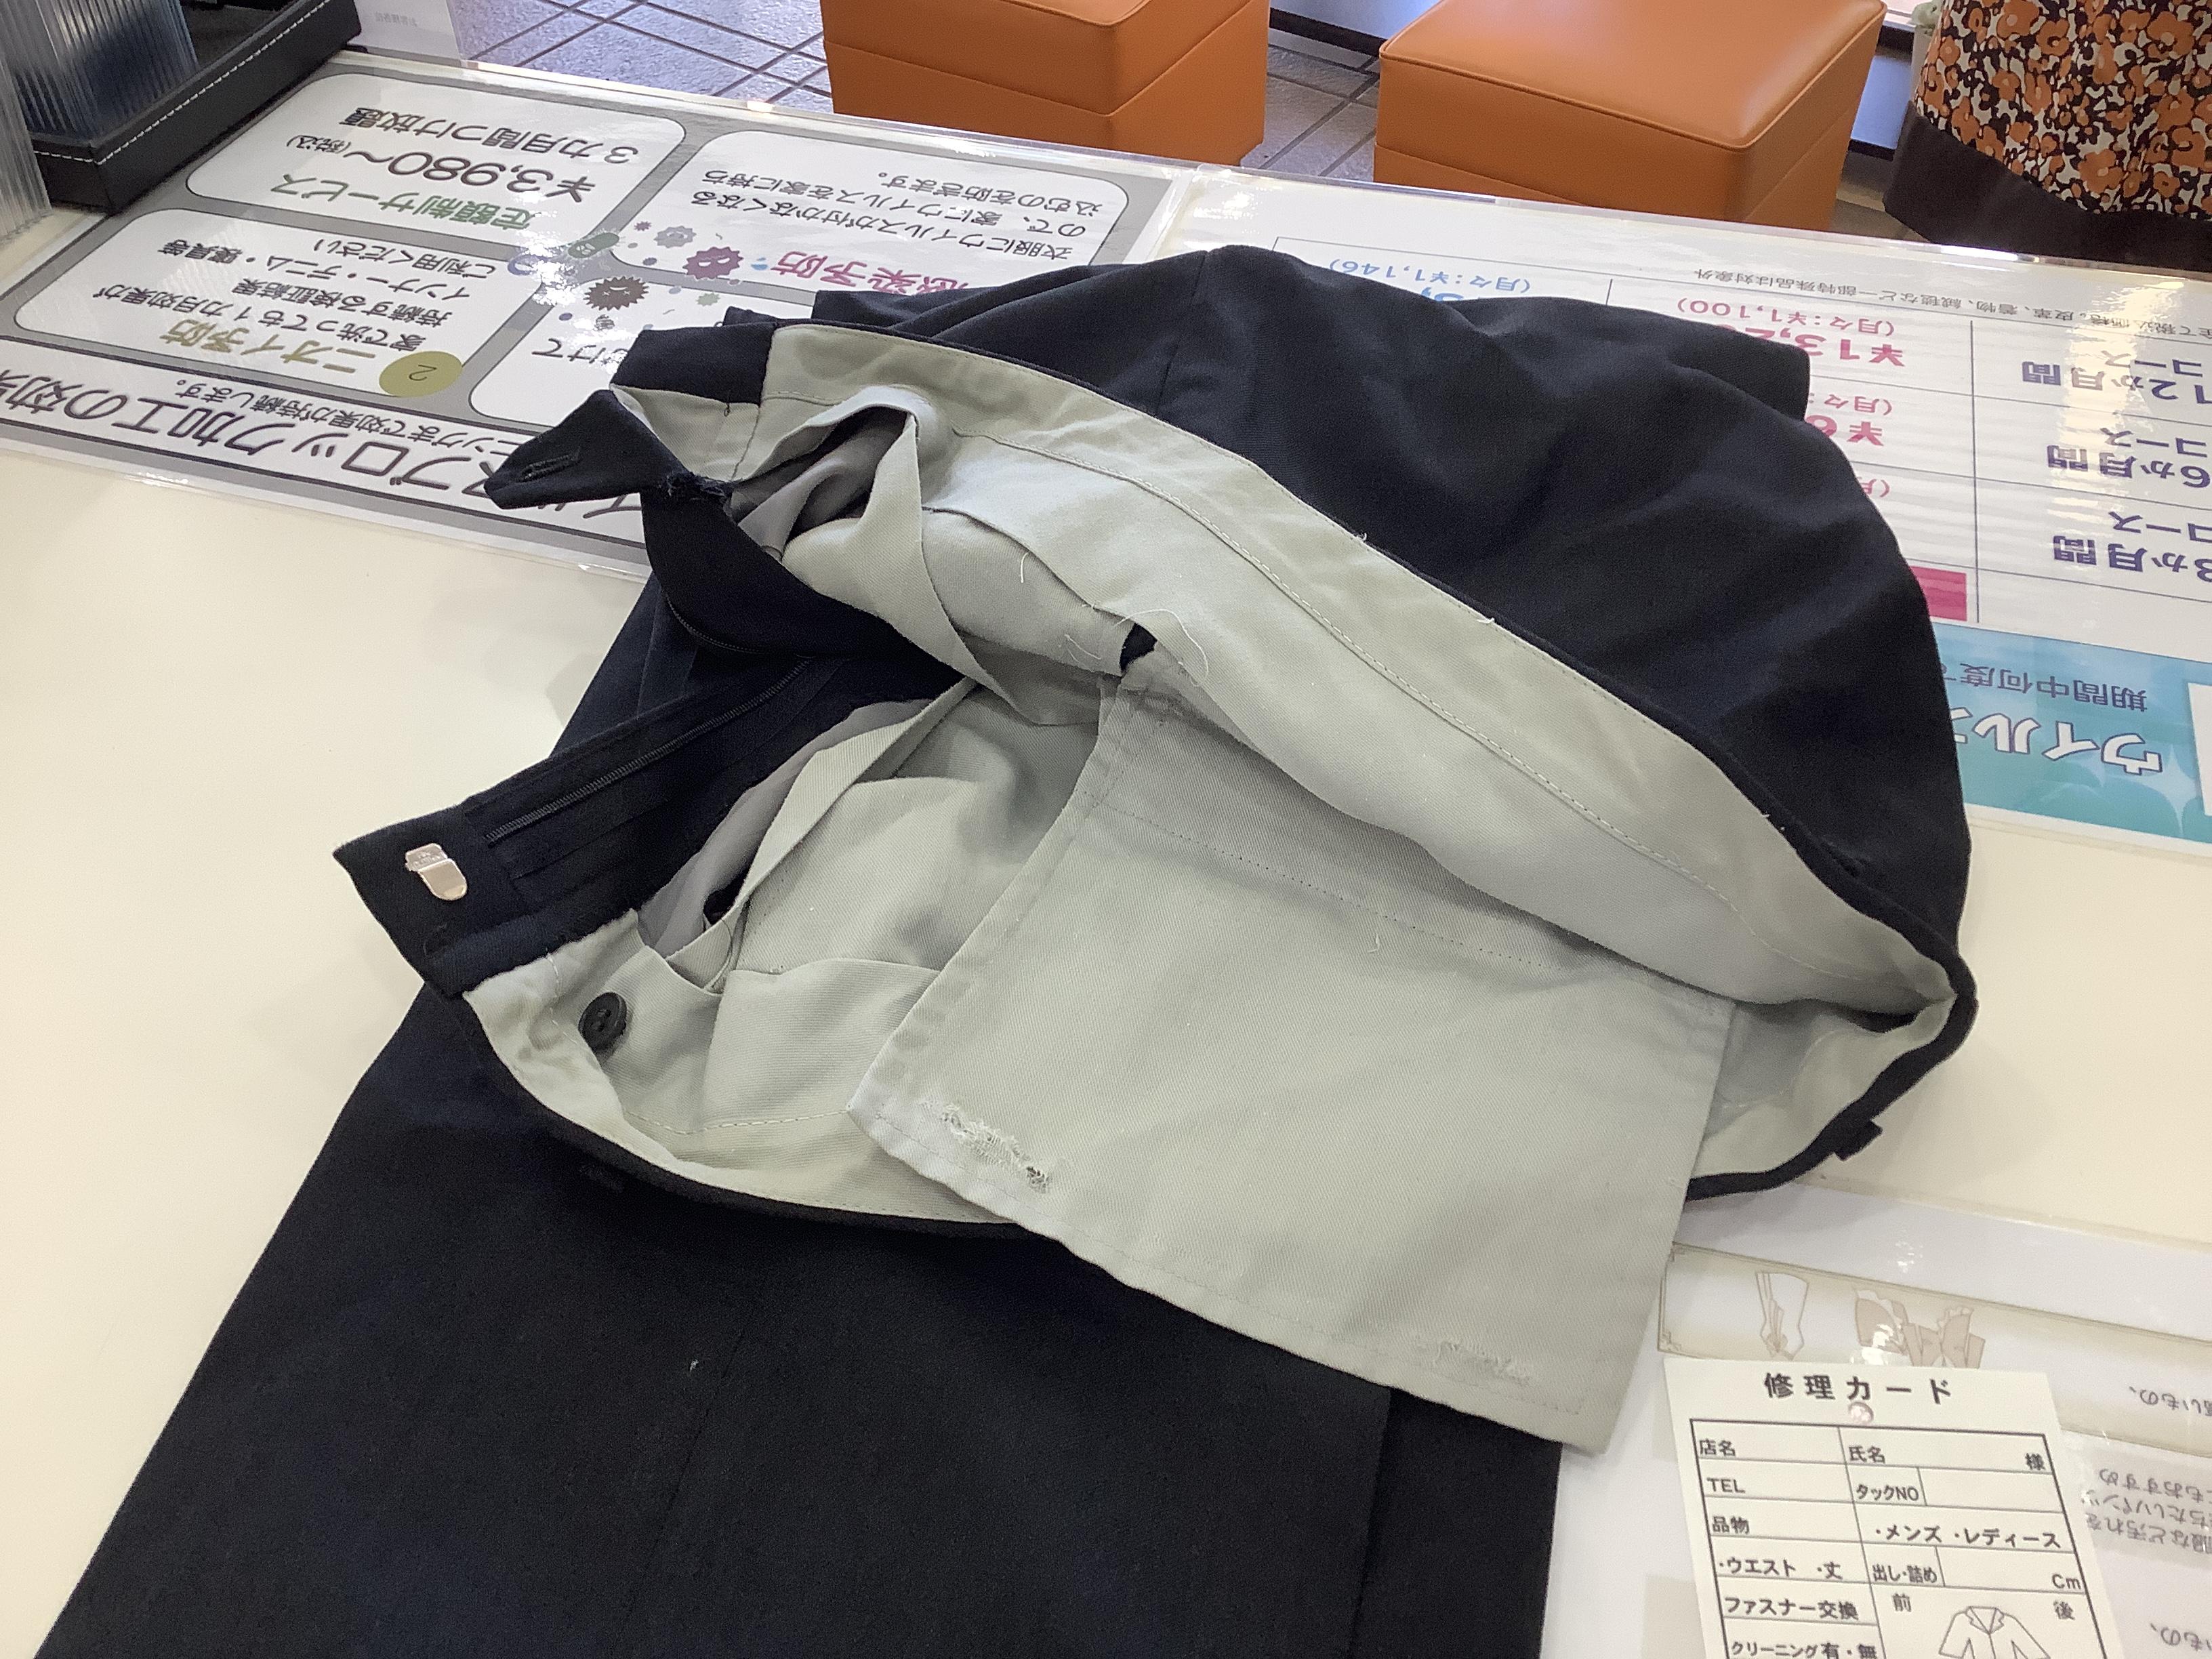 ≪ズボンのポケット袋の破れ~半分作り直し≫